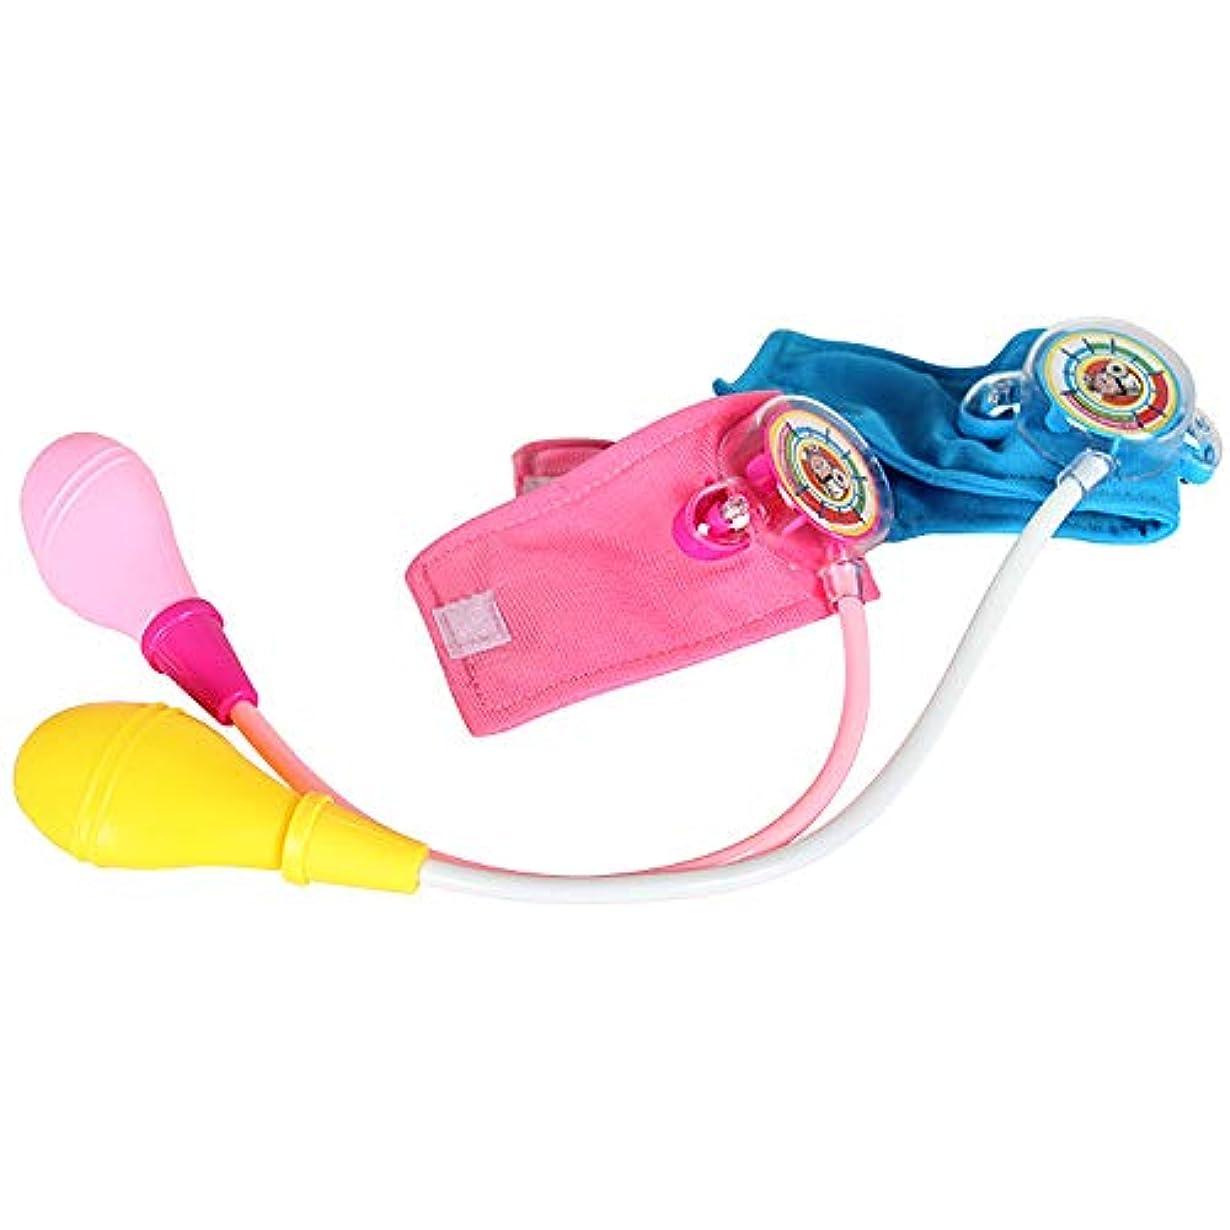 モーター薬技術的なTakefuns 血圧計のおもちゃ 血圧を測るおもちゃ シミュレーション医療玩具 ままごと ごっこ遊び こども 子供キャラクター体験のおもちゃ